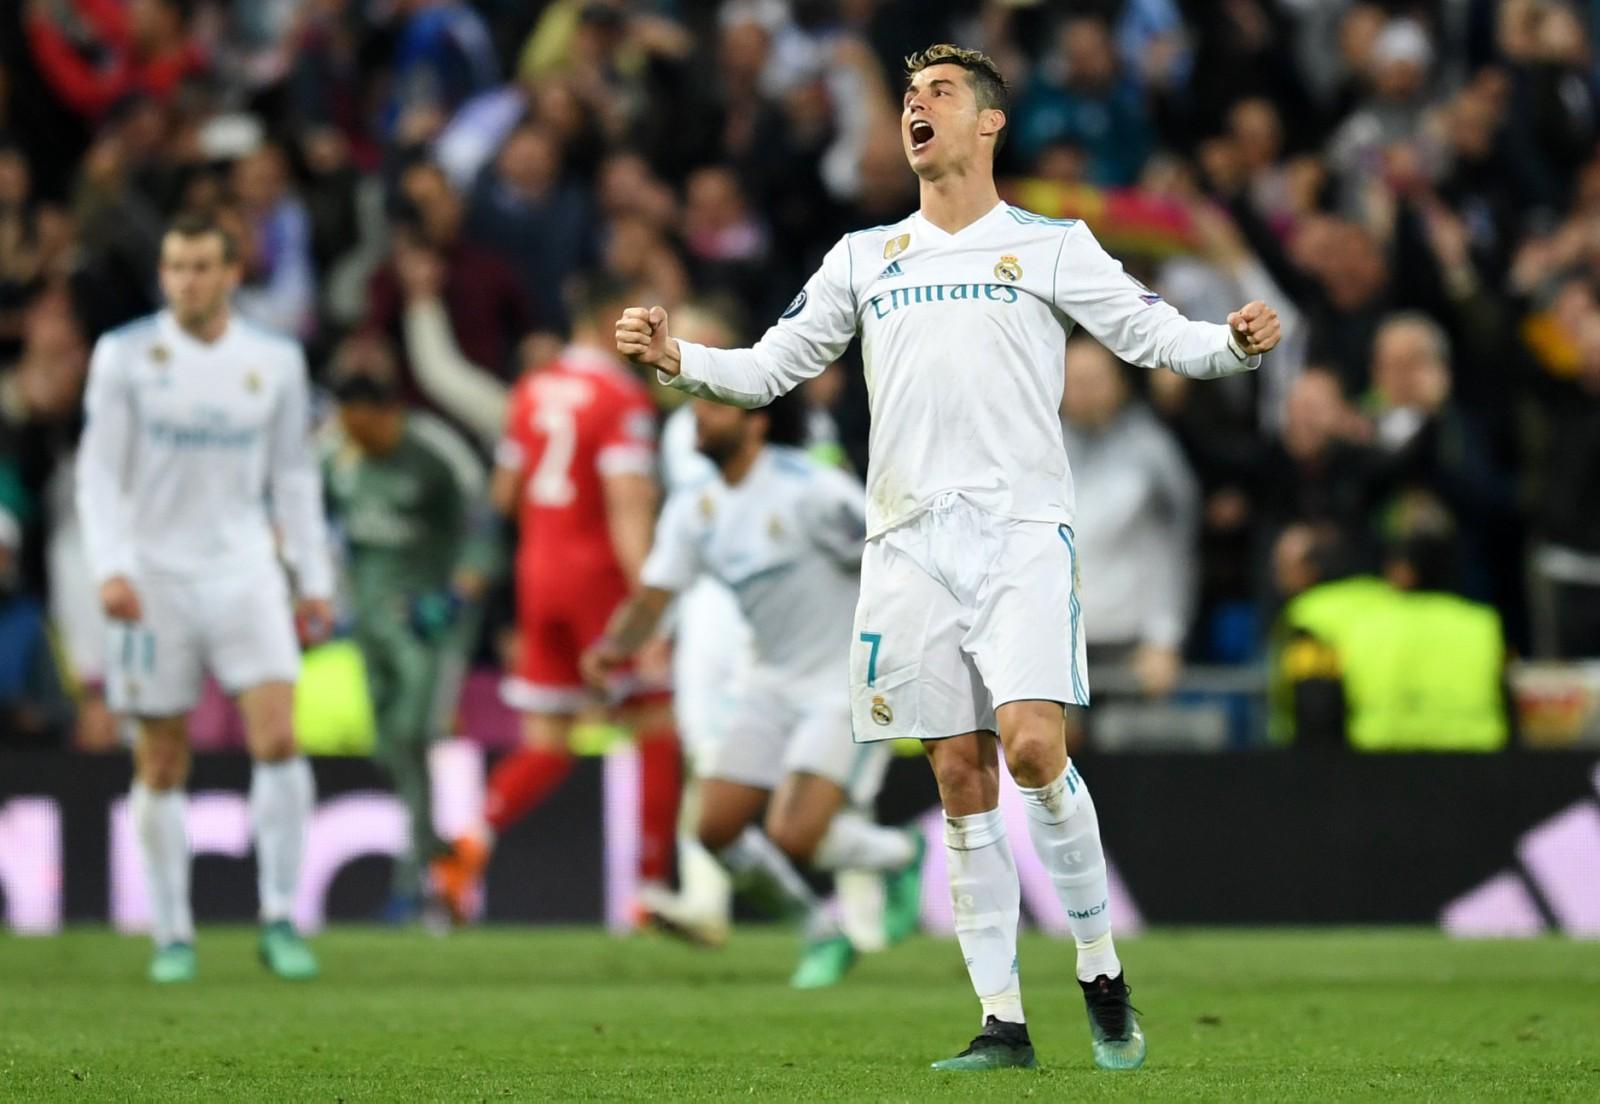 Real Madrid 2-2 Bayern Munchen. Echipa lui Zinedine Zidane s-a calificat cu emoții în finala Ligii Campionilor